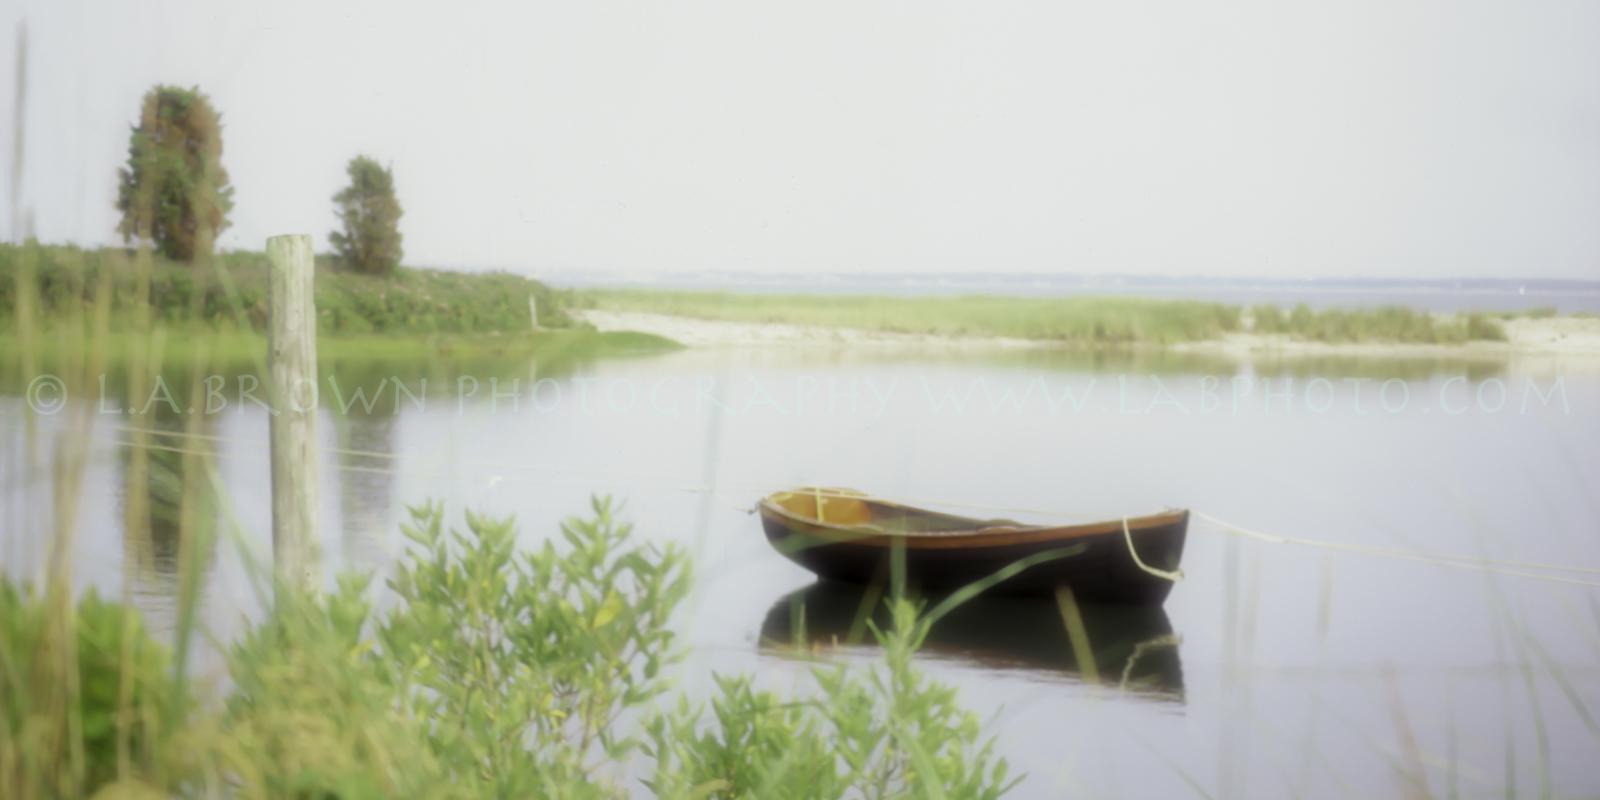 Old Boat, Oak Bluffs